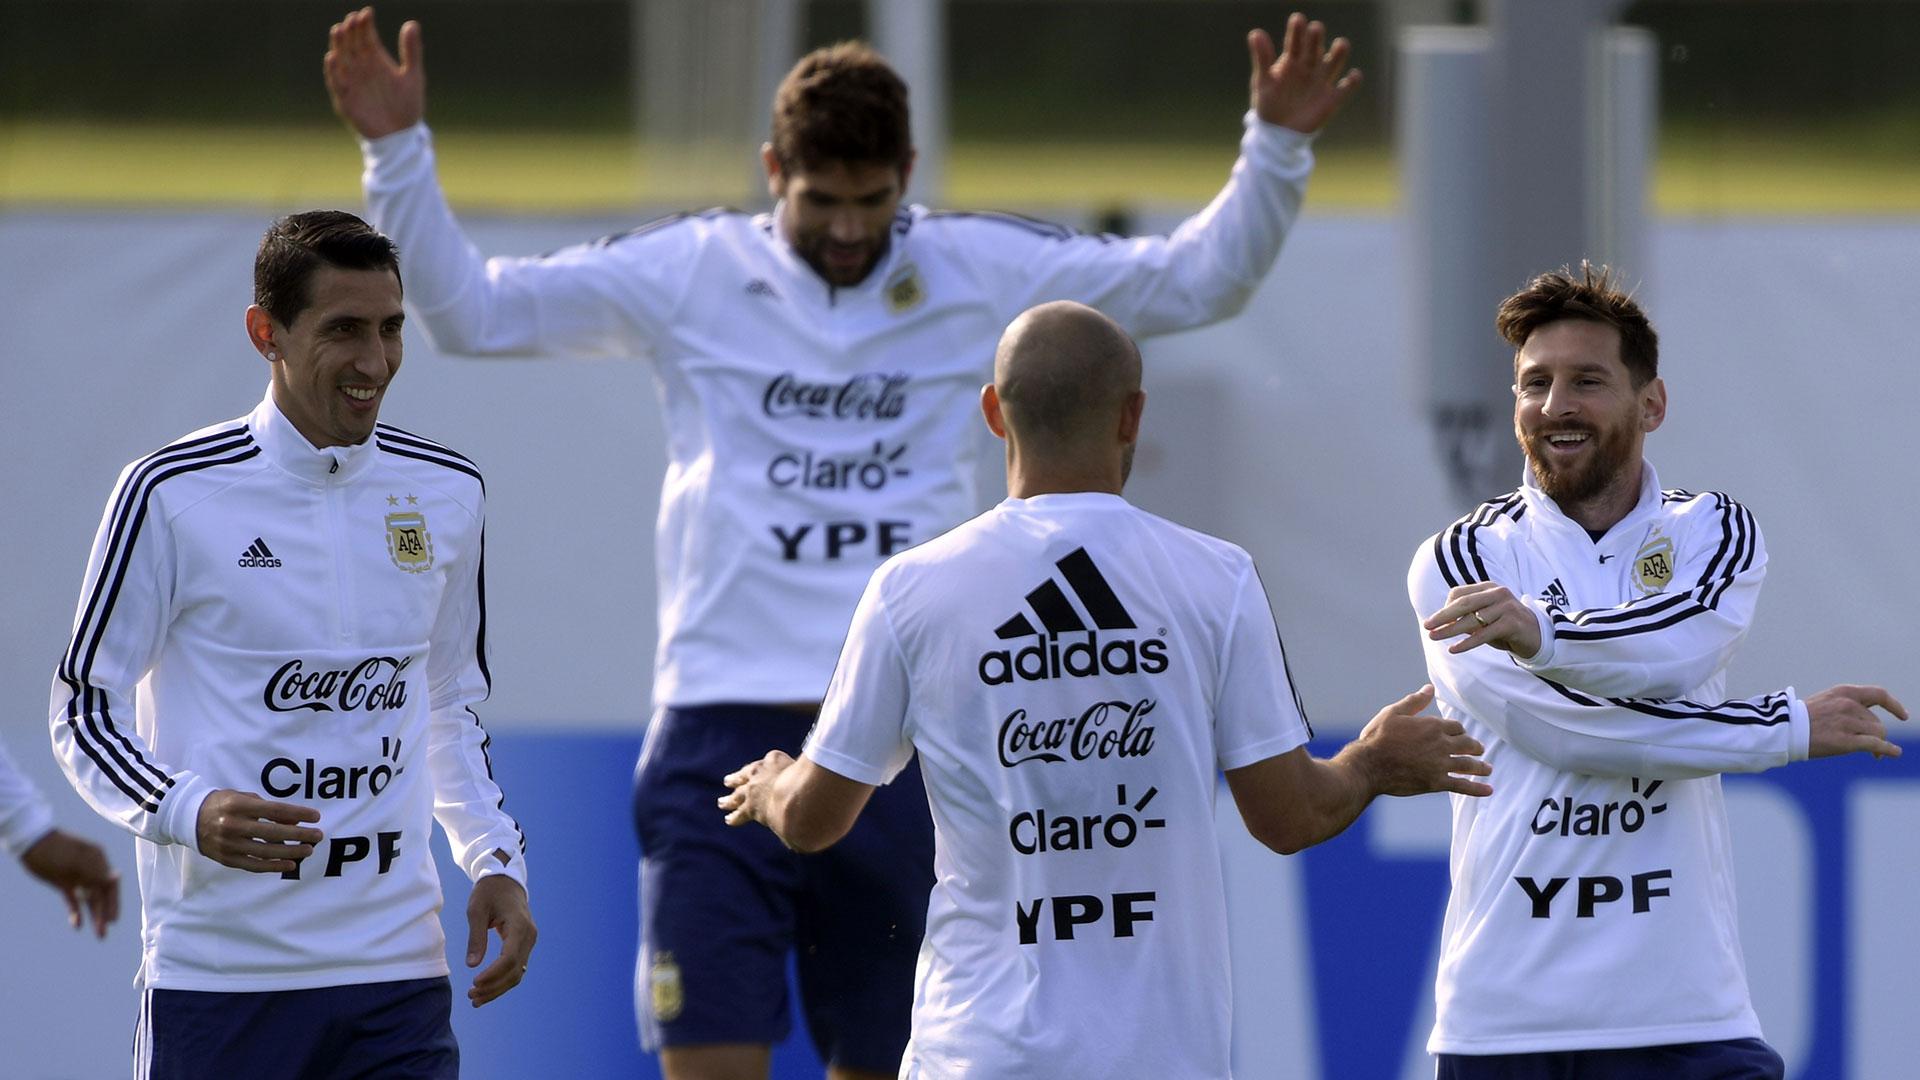 Mascherano da las indicaciones. Di María, Fazio y Messi, escuchan